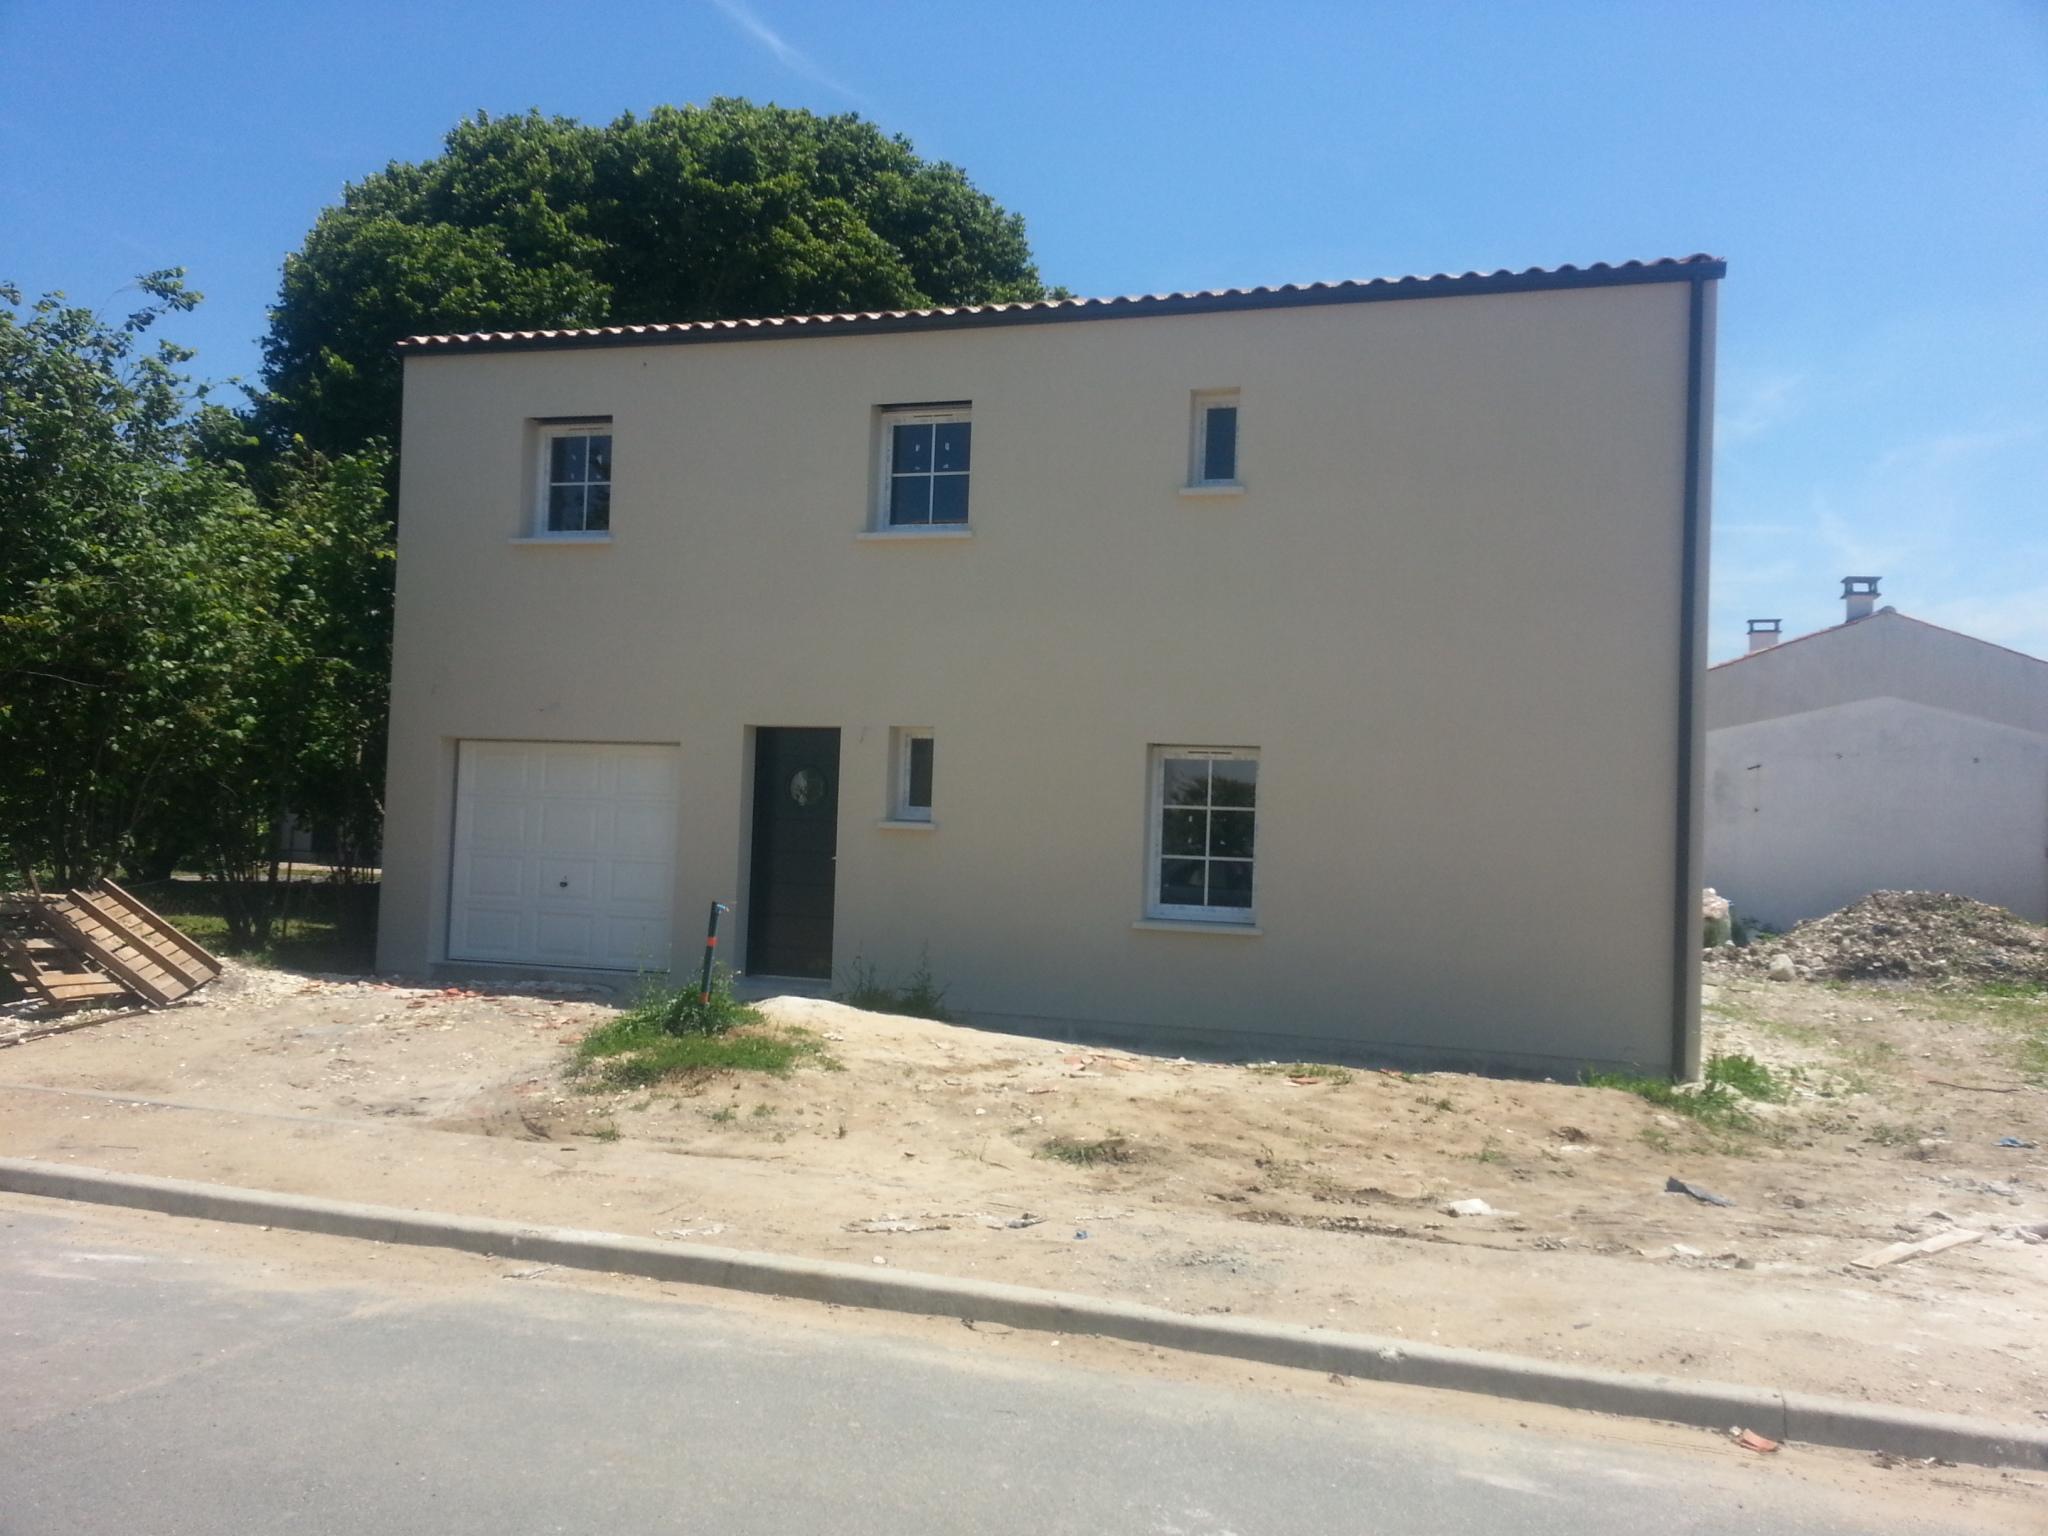 Maison de la cote atlantique modle de maison manosque m aulnay vente maison 150 m t5 1 salle - Maison de la cote atlantique ...